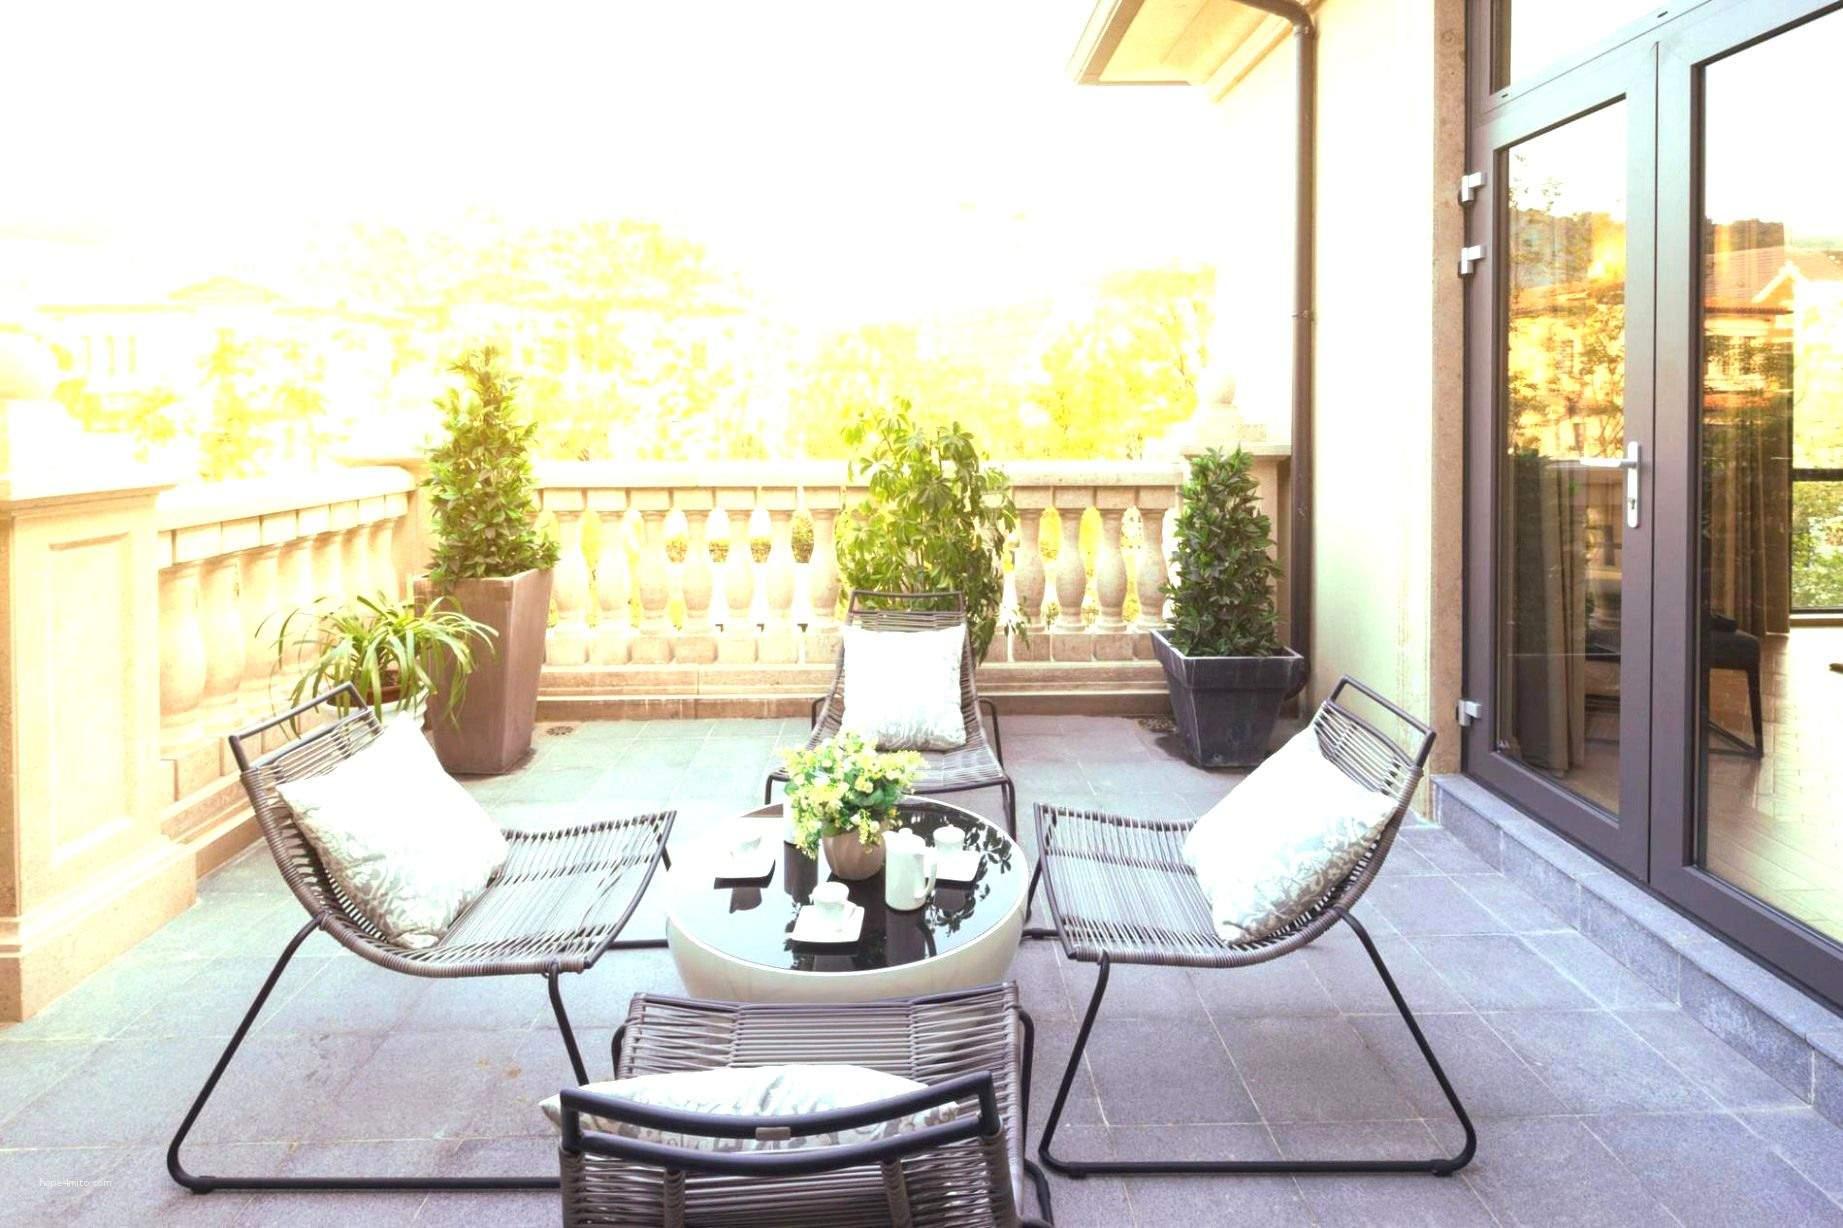 Balkon Gestalten Luxus Wohnzimmer Gestalten Tipps Inspirierend 35 Inspirierend